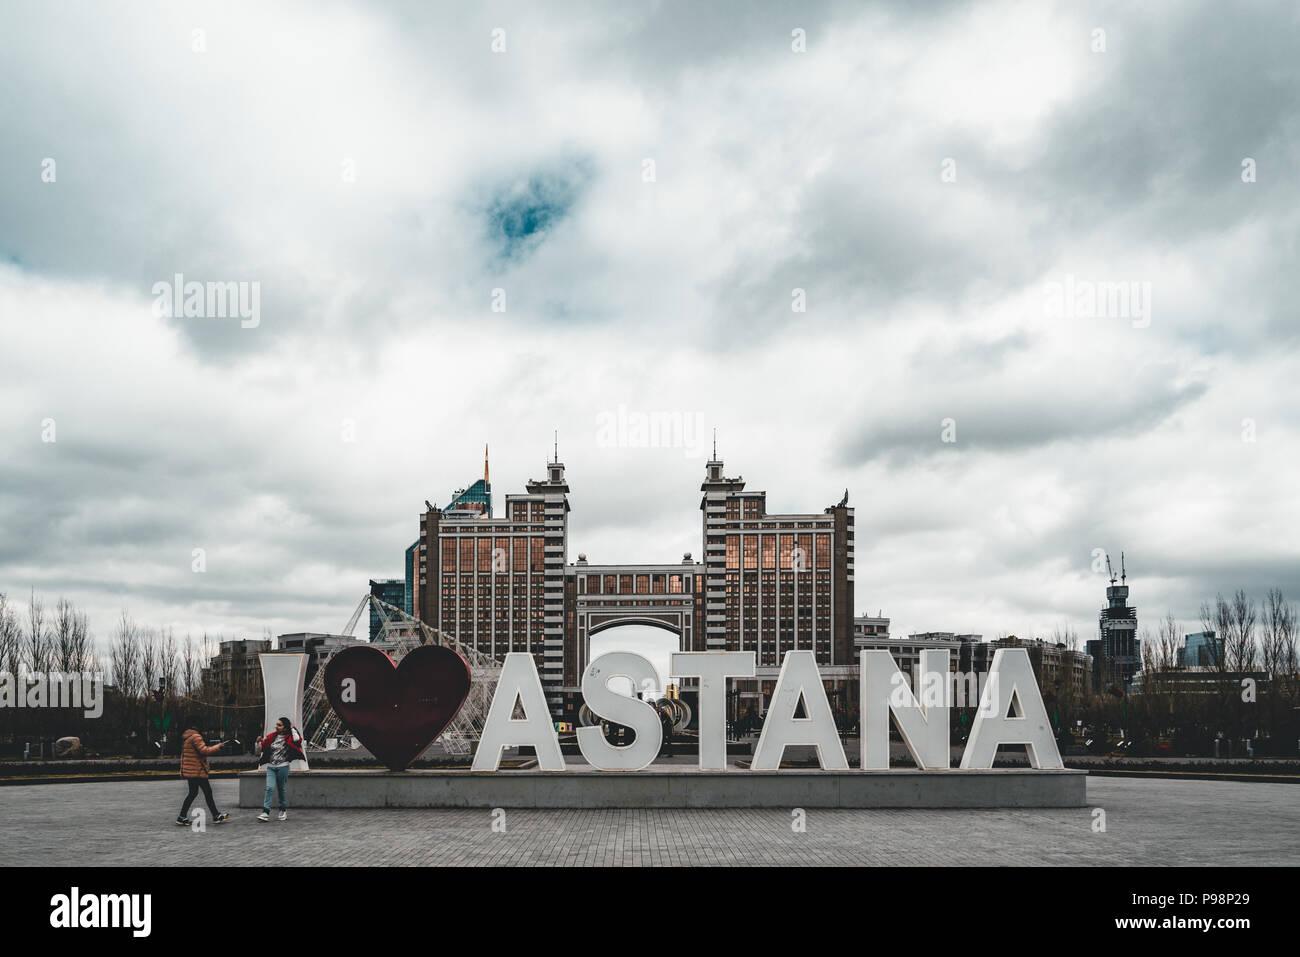 Hauptsitz Hauptsitz der KazMunaiGas in Astana Kasachstan Astana unterzeichnen mit Herz Ich liebe Stockbild